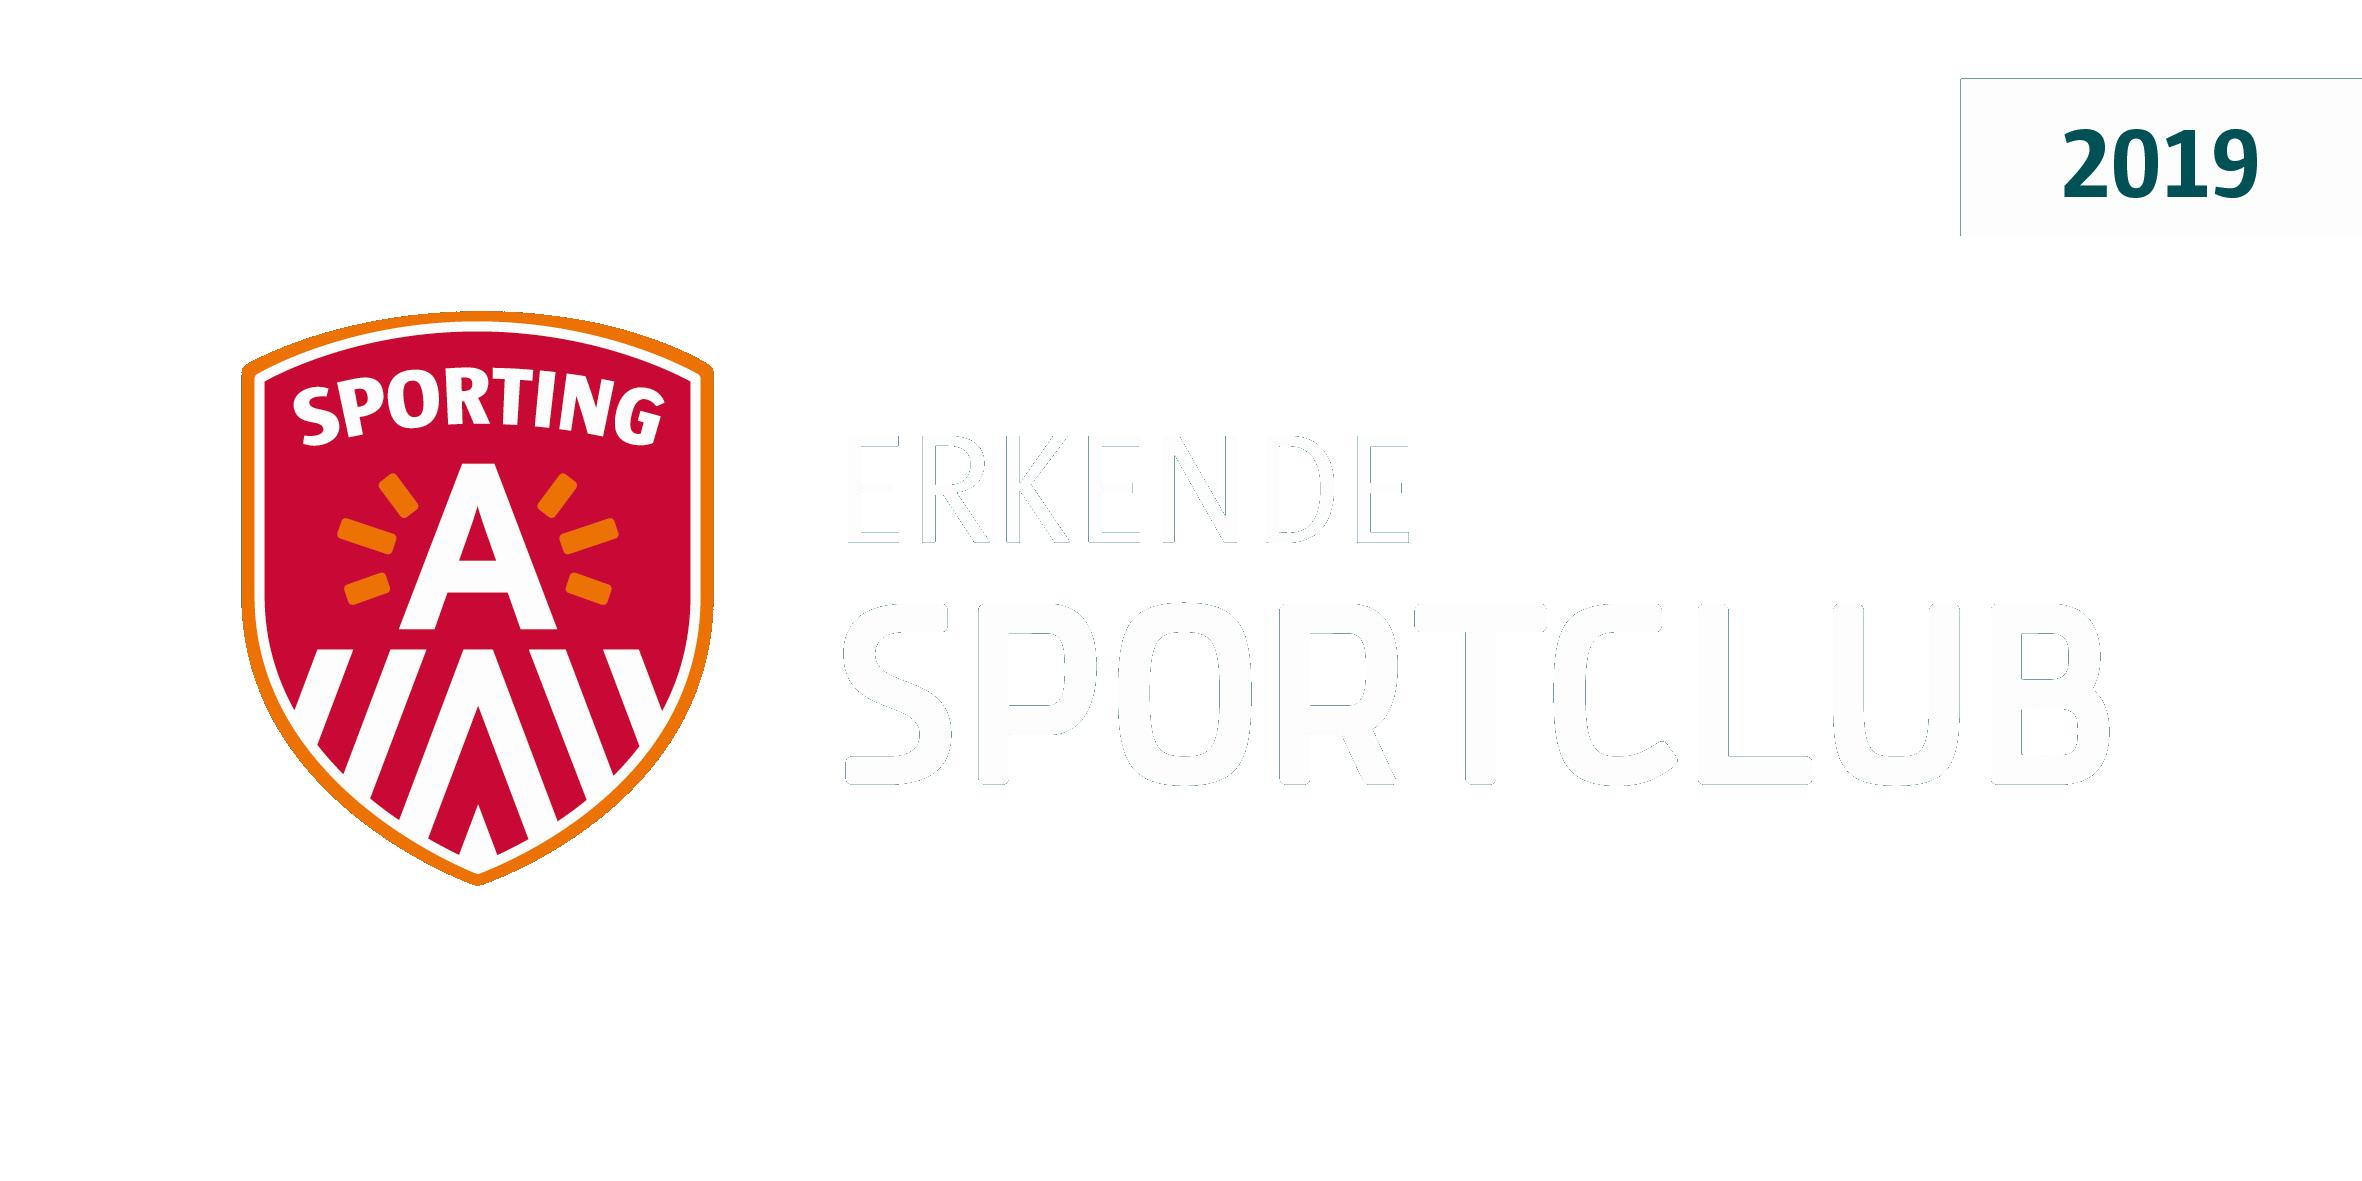 2019_ErkendeSportclub[33533]_edited.png